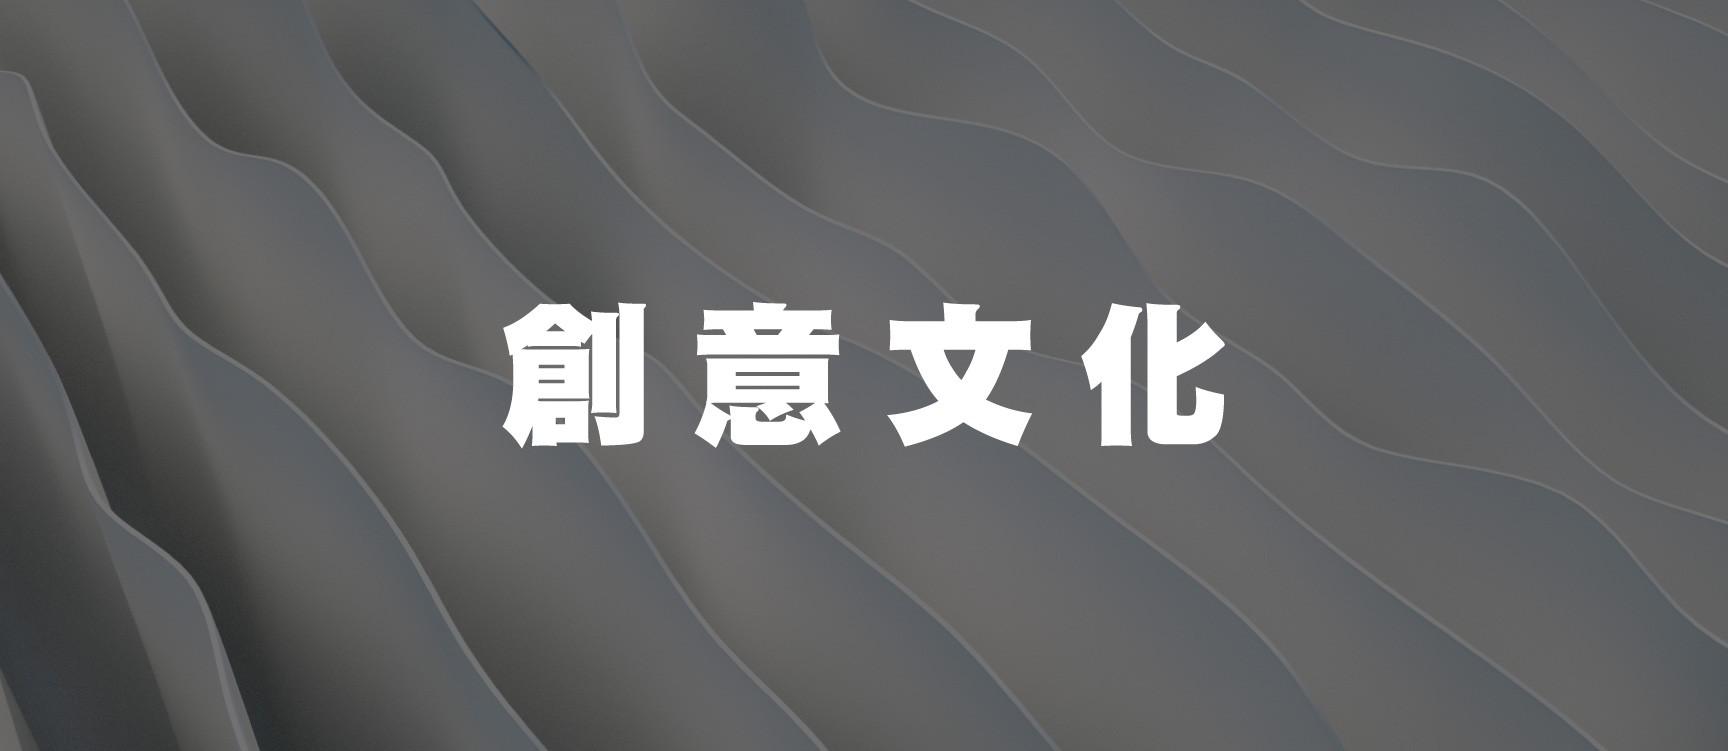 封面圖-14